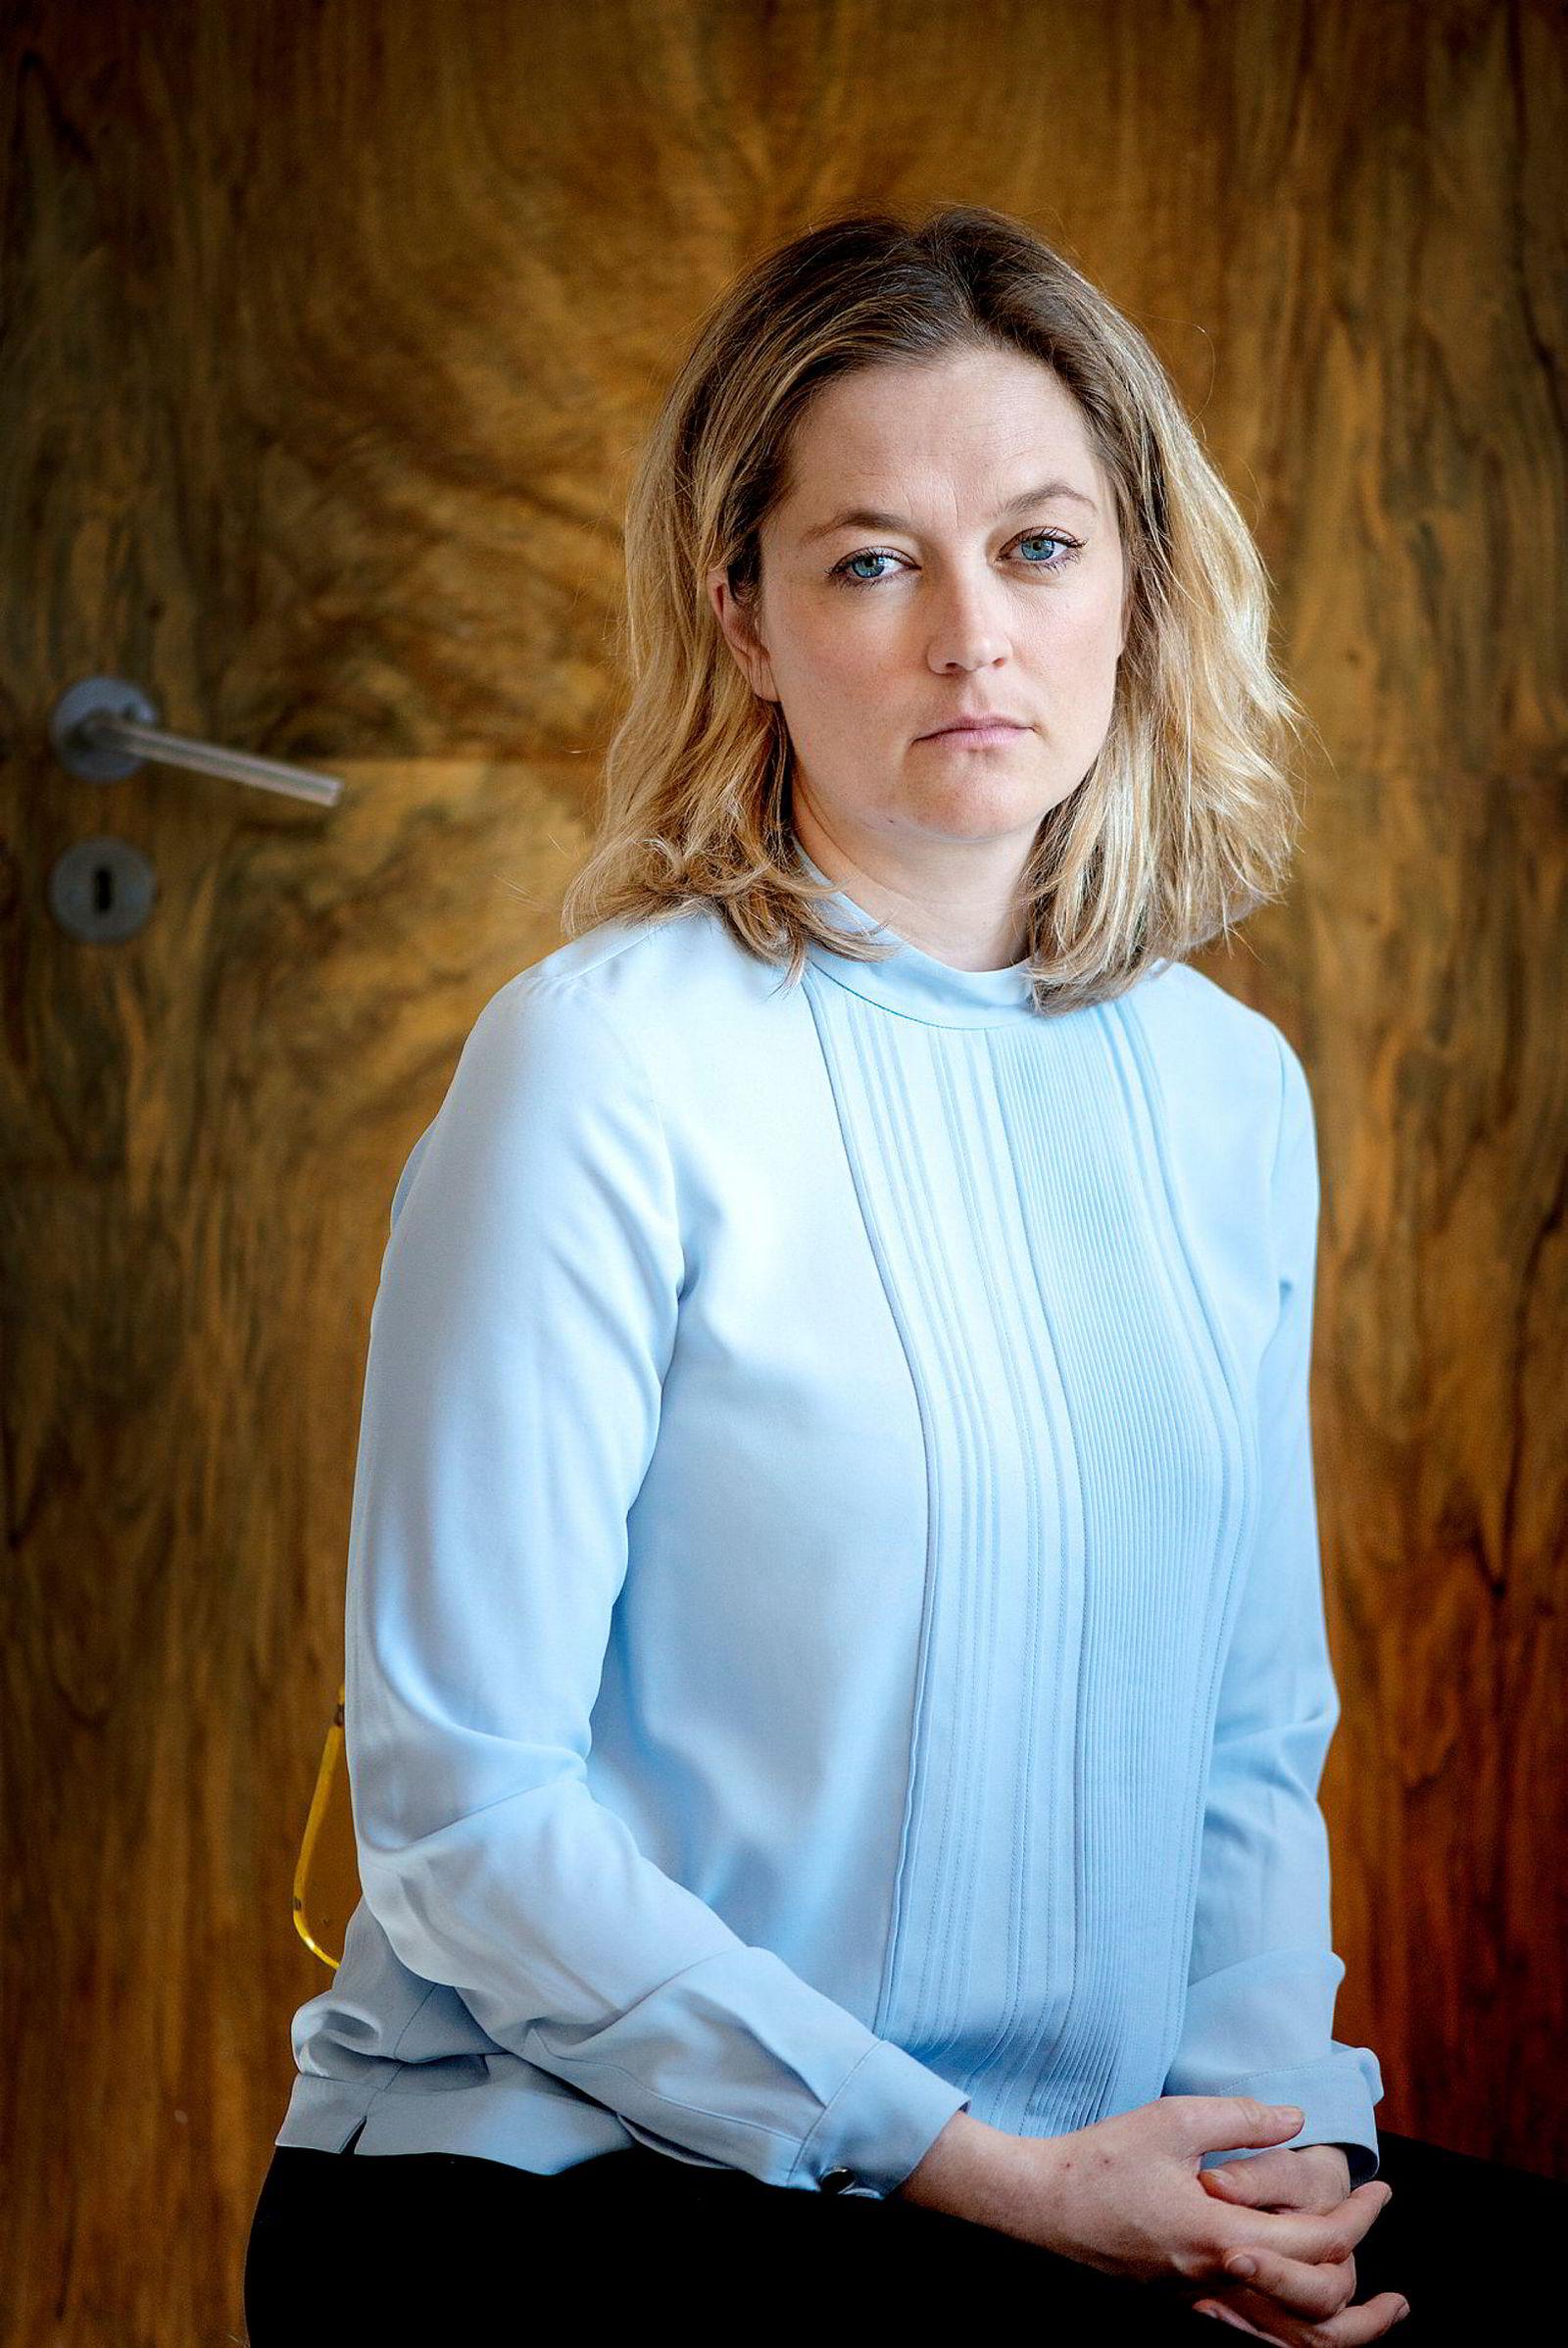 Adele Matheson Mestad, direktør for Norges institusjon for menneskerettigheter, påpeker at det forventes mye av jusstudentene, noe som gjør saken alvorlig.